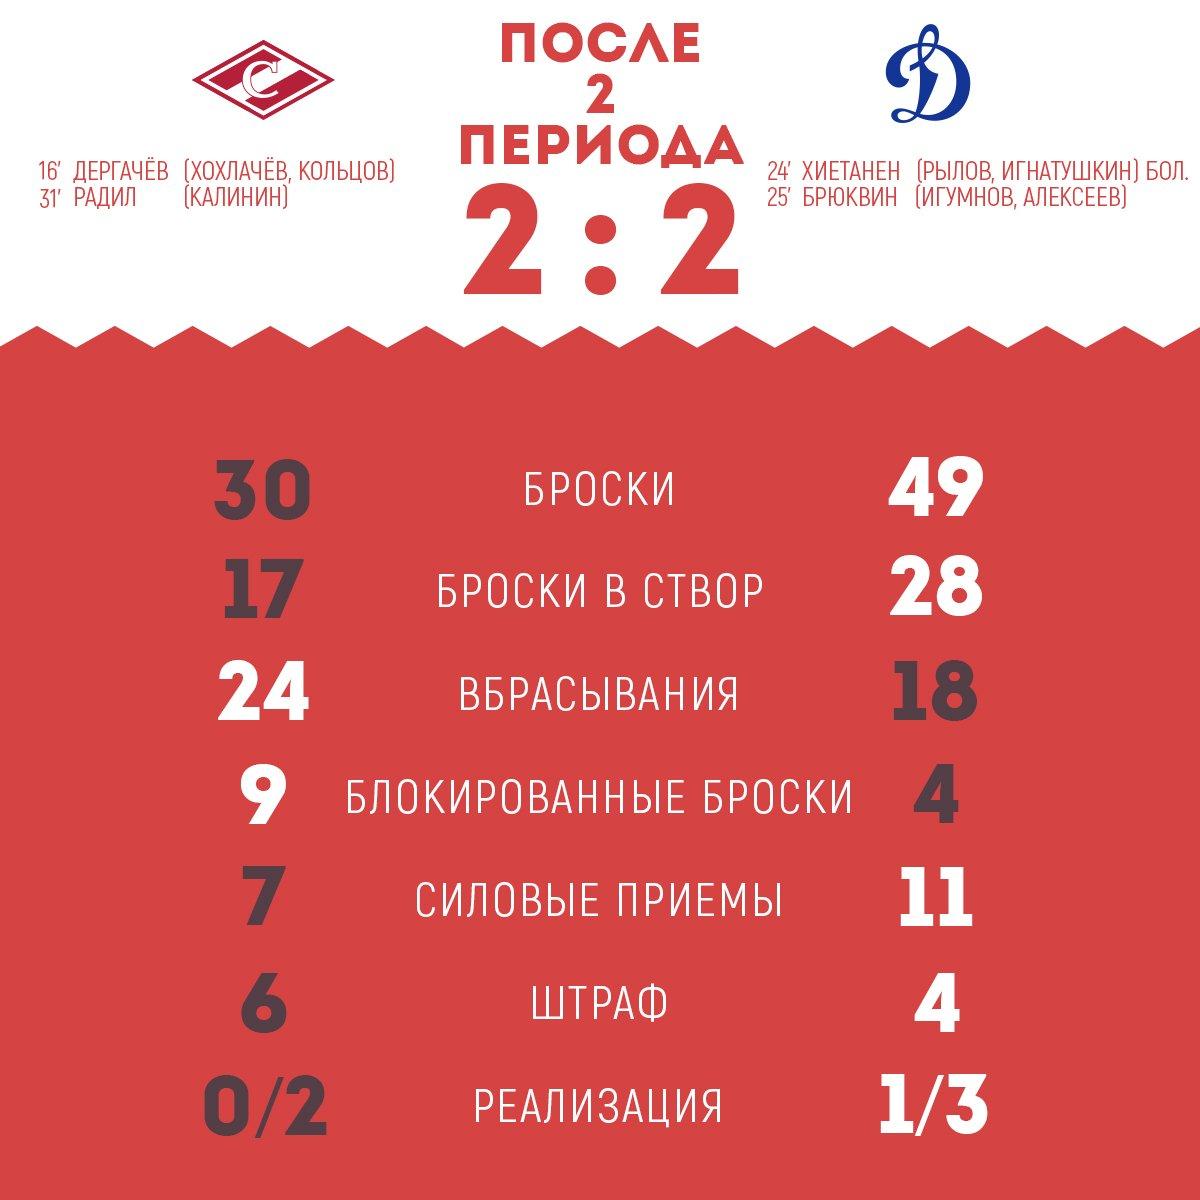 Статистика матча «Спартак» vs «Динамо» после 2-х периодов